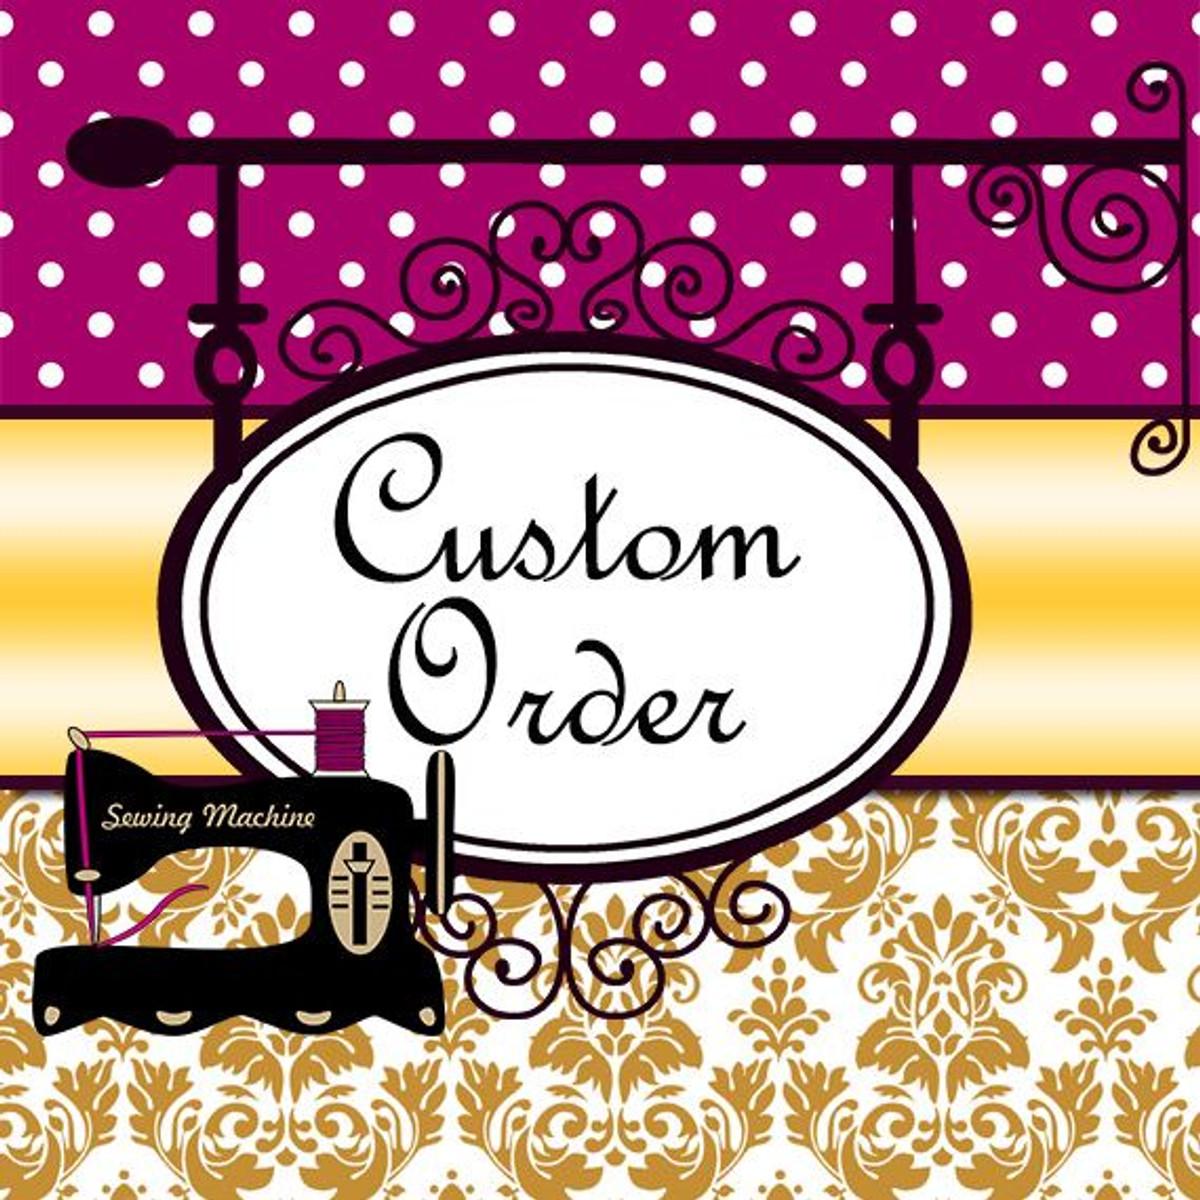 Custom Wedding Dress for Sandra M